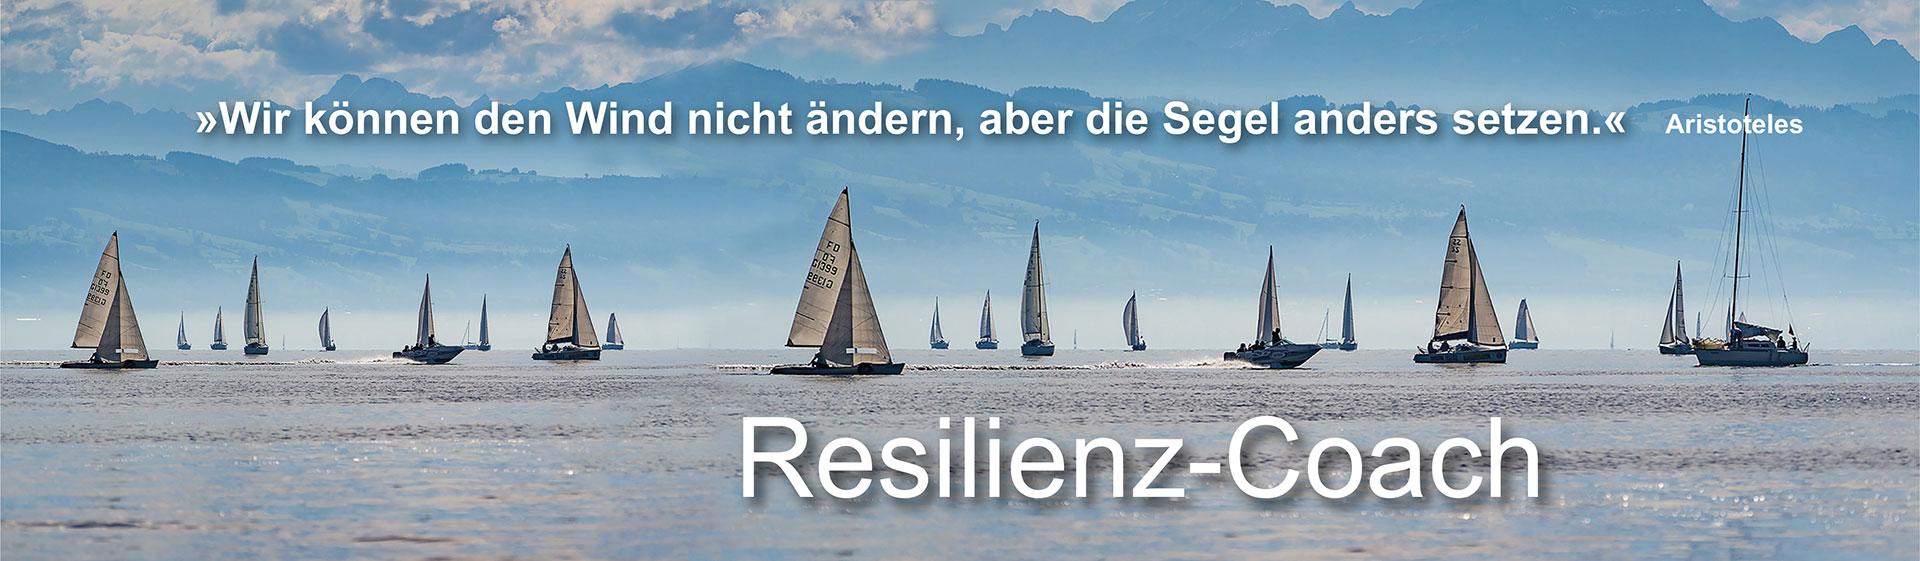 Ausbildung zum Resilienz-Coach - Antje Heimsoeth